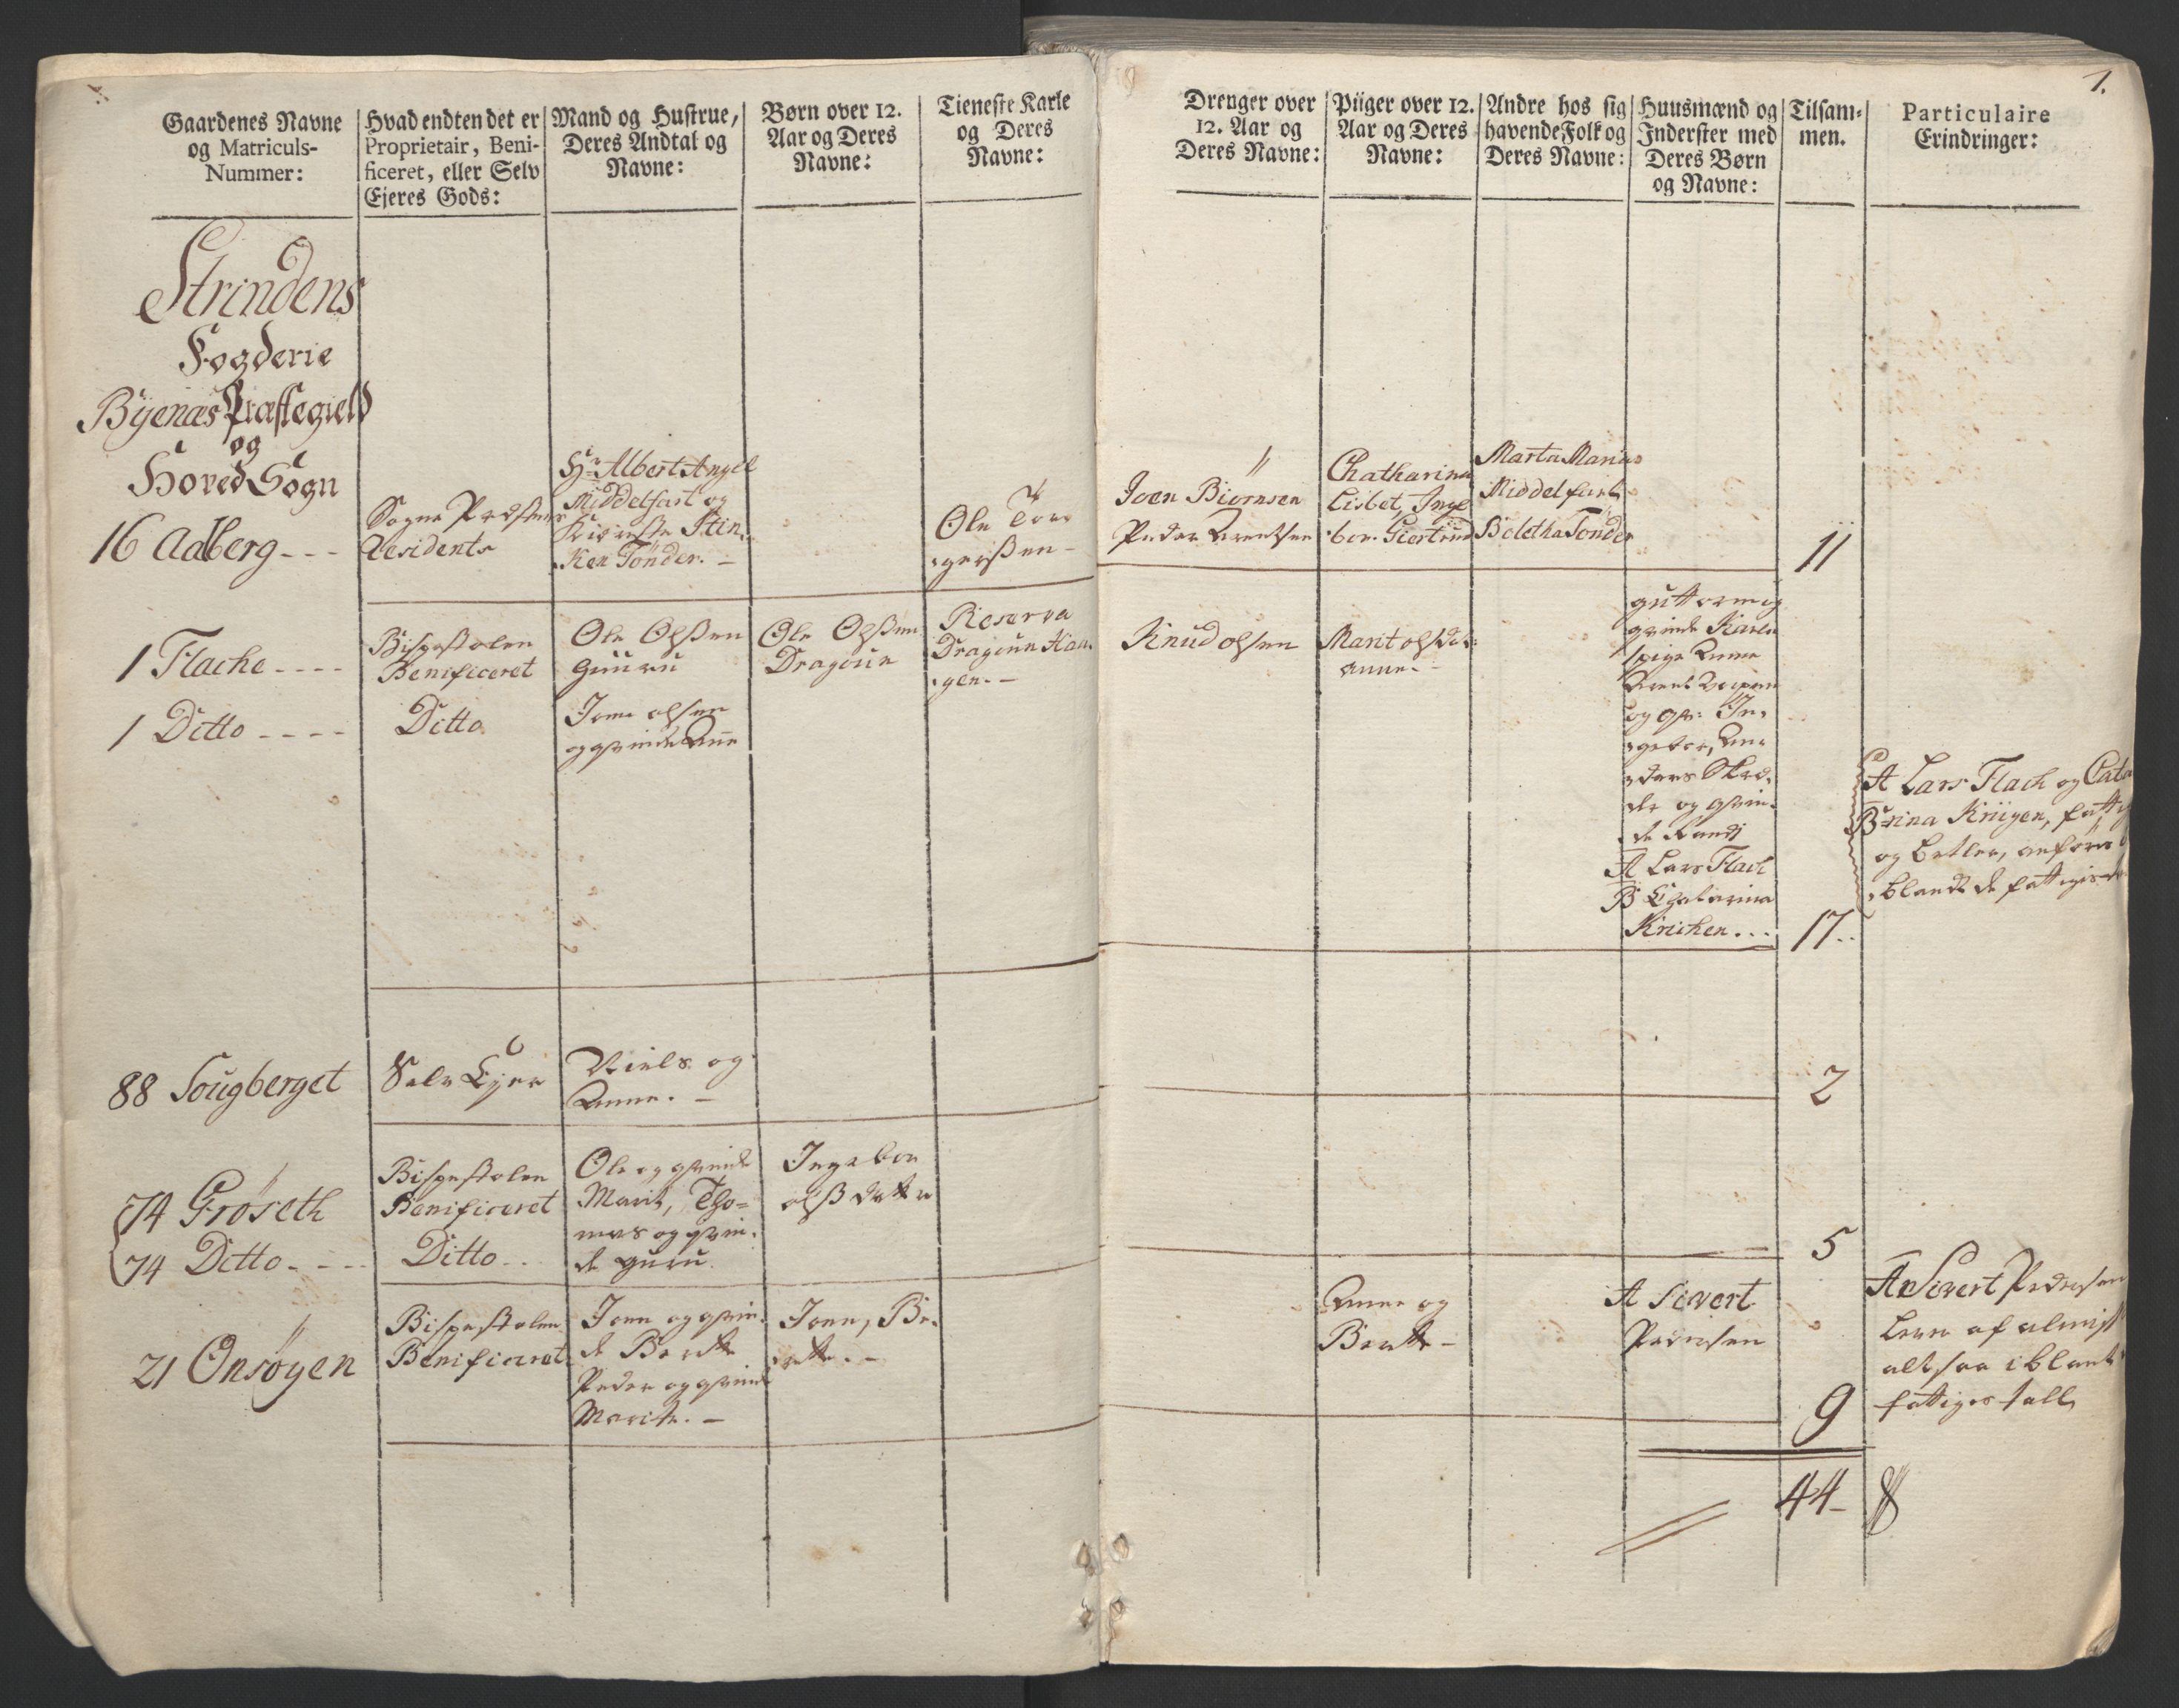 RA, Rentekammeret inntil 1814, Realistisk ordnet avdeling, Ol/L0020: [Gg 10]: Ekstraskatten, 23.09.1762. Romsdal, Strinda, Selbu, Inderøy., 1763, s. 3